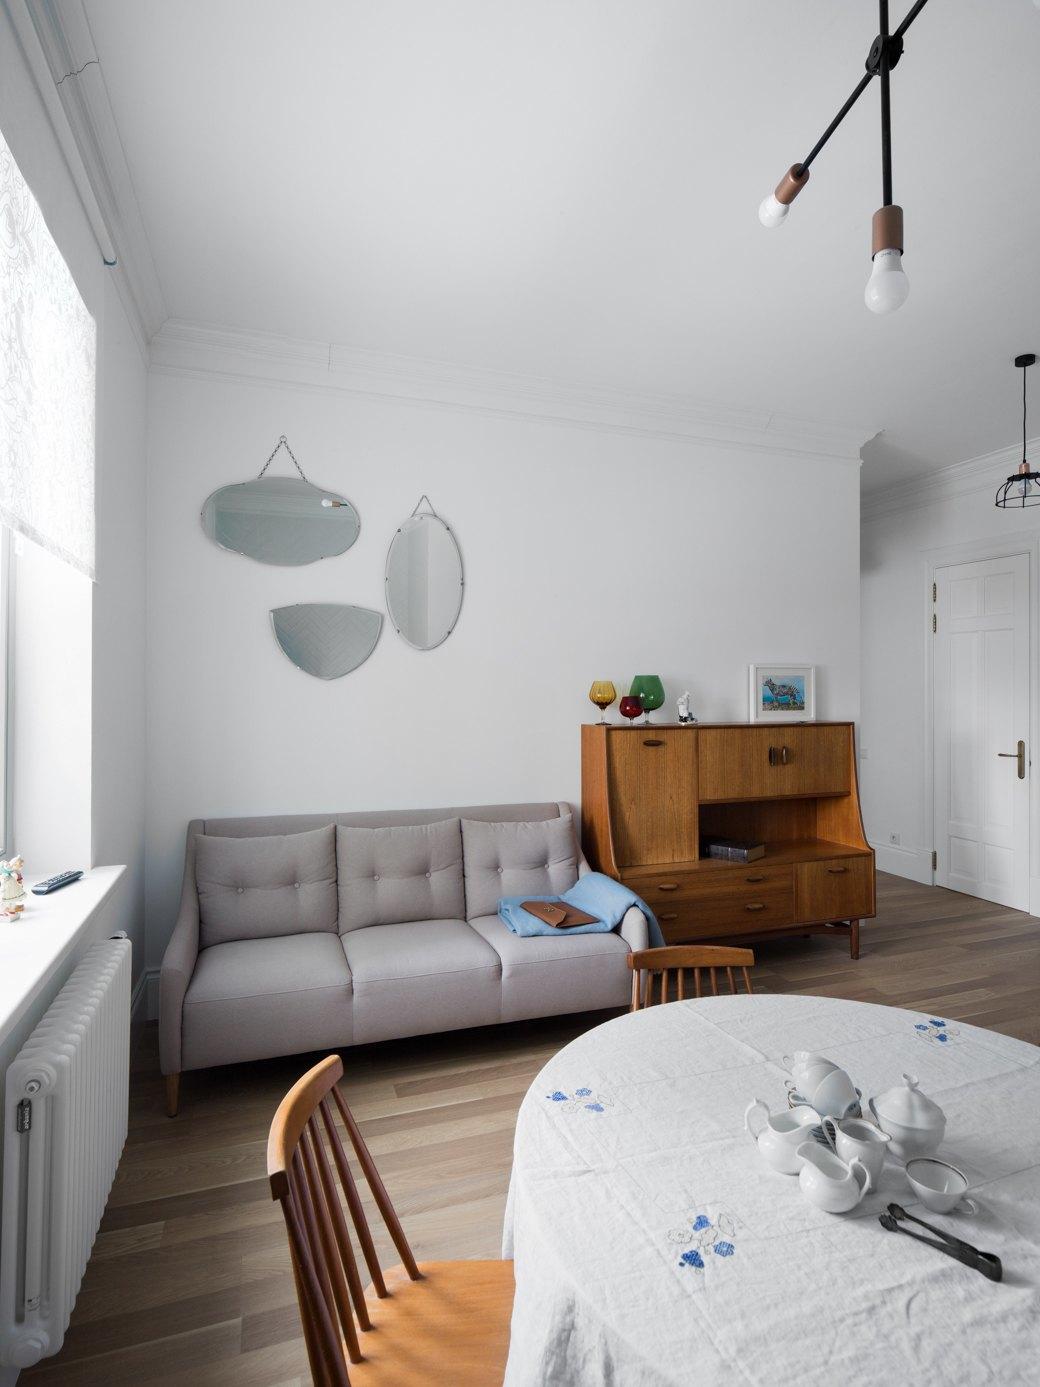 Лаконичная квартира вшведском стиле вновом доме наПетроградской стороне (Петербург). Изображение № 3.